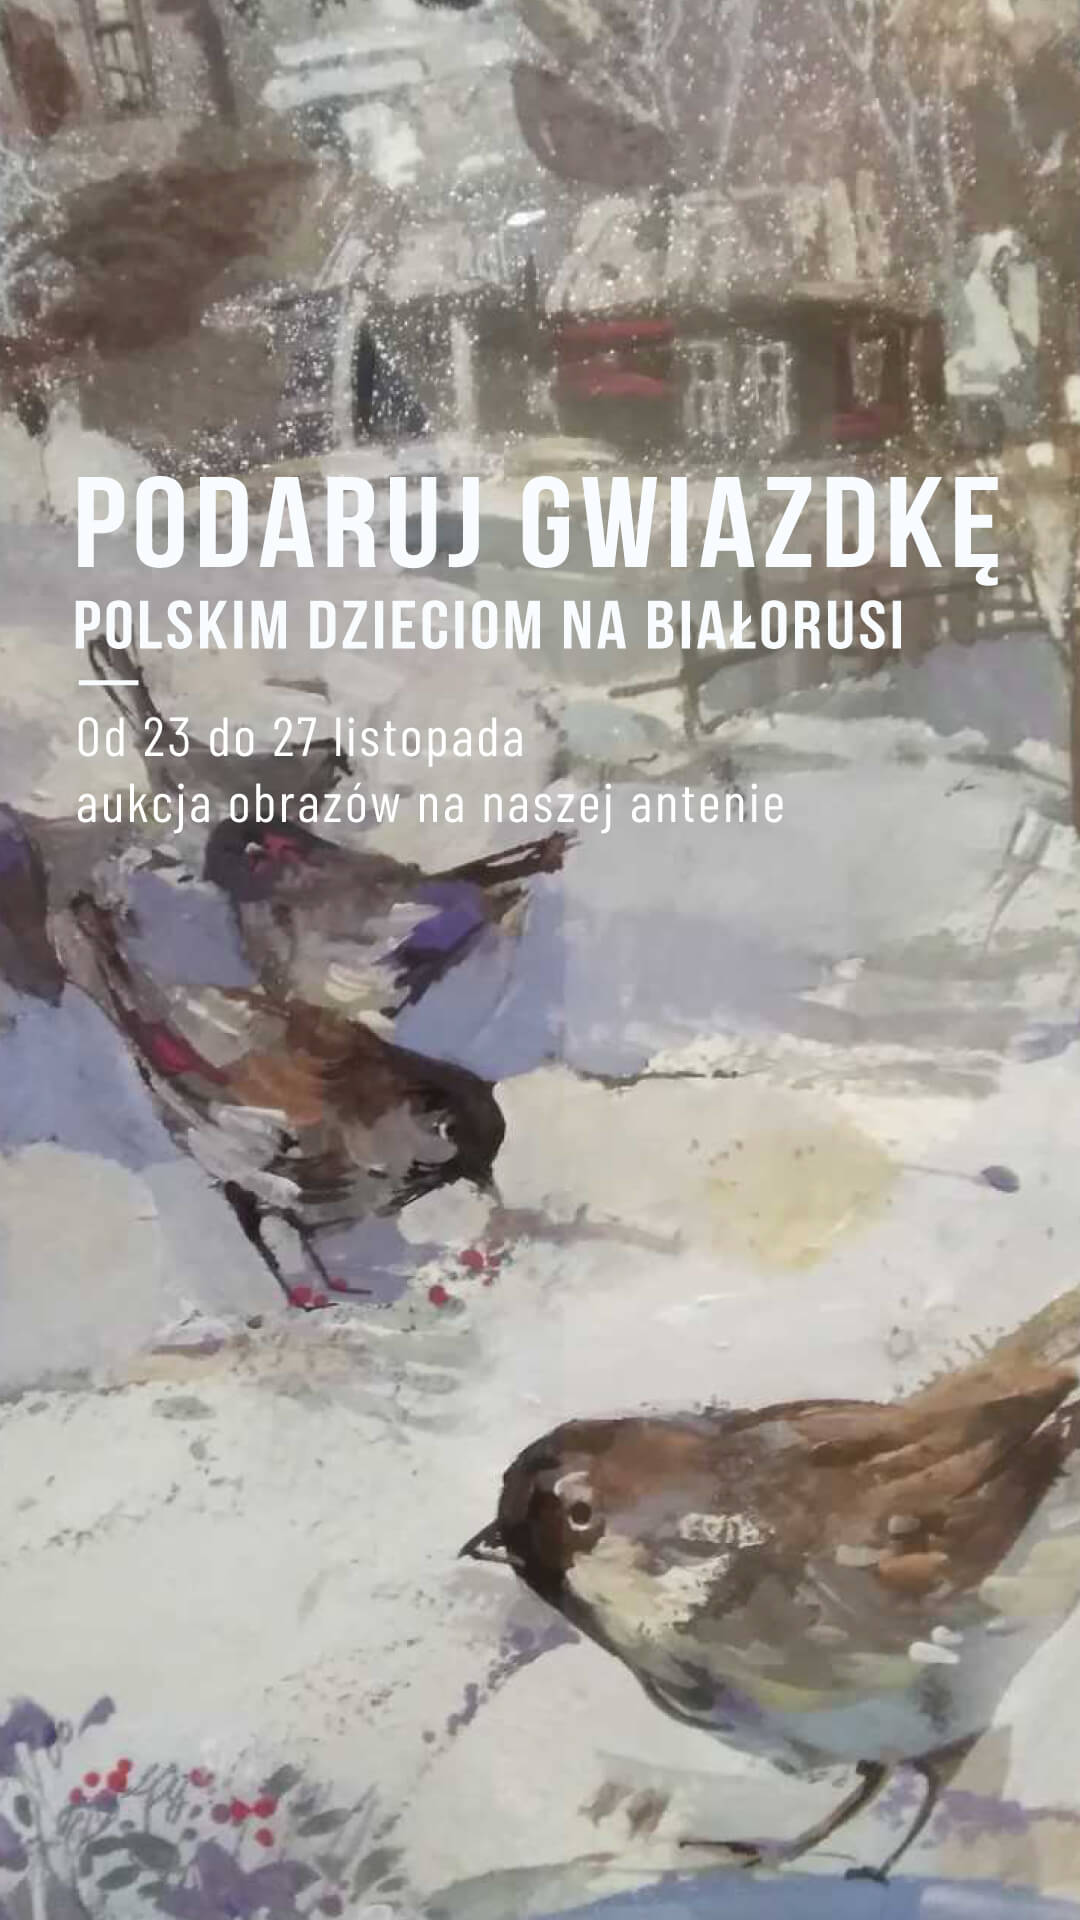 Podaruj gwiazdkę polskim dzieciom na Białorusi